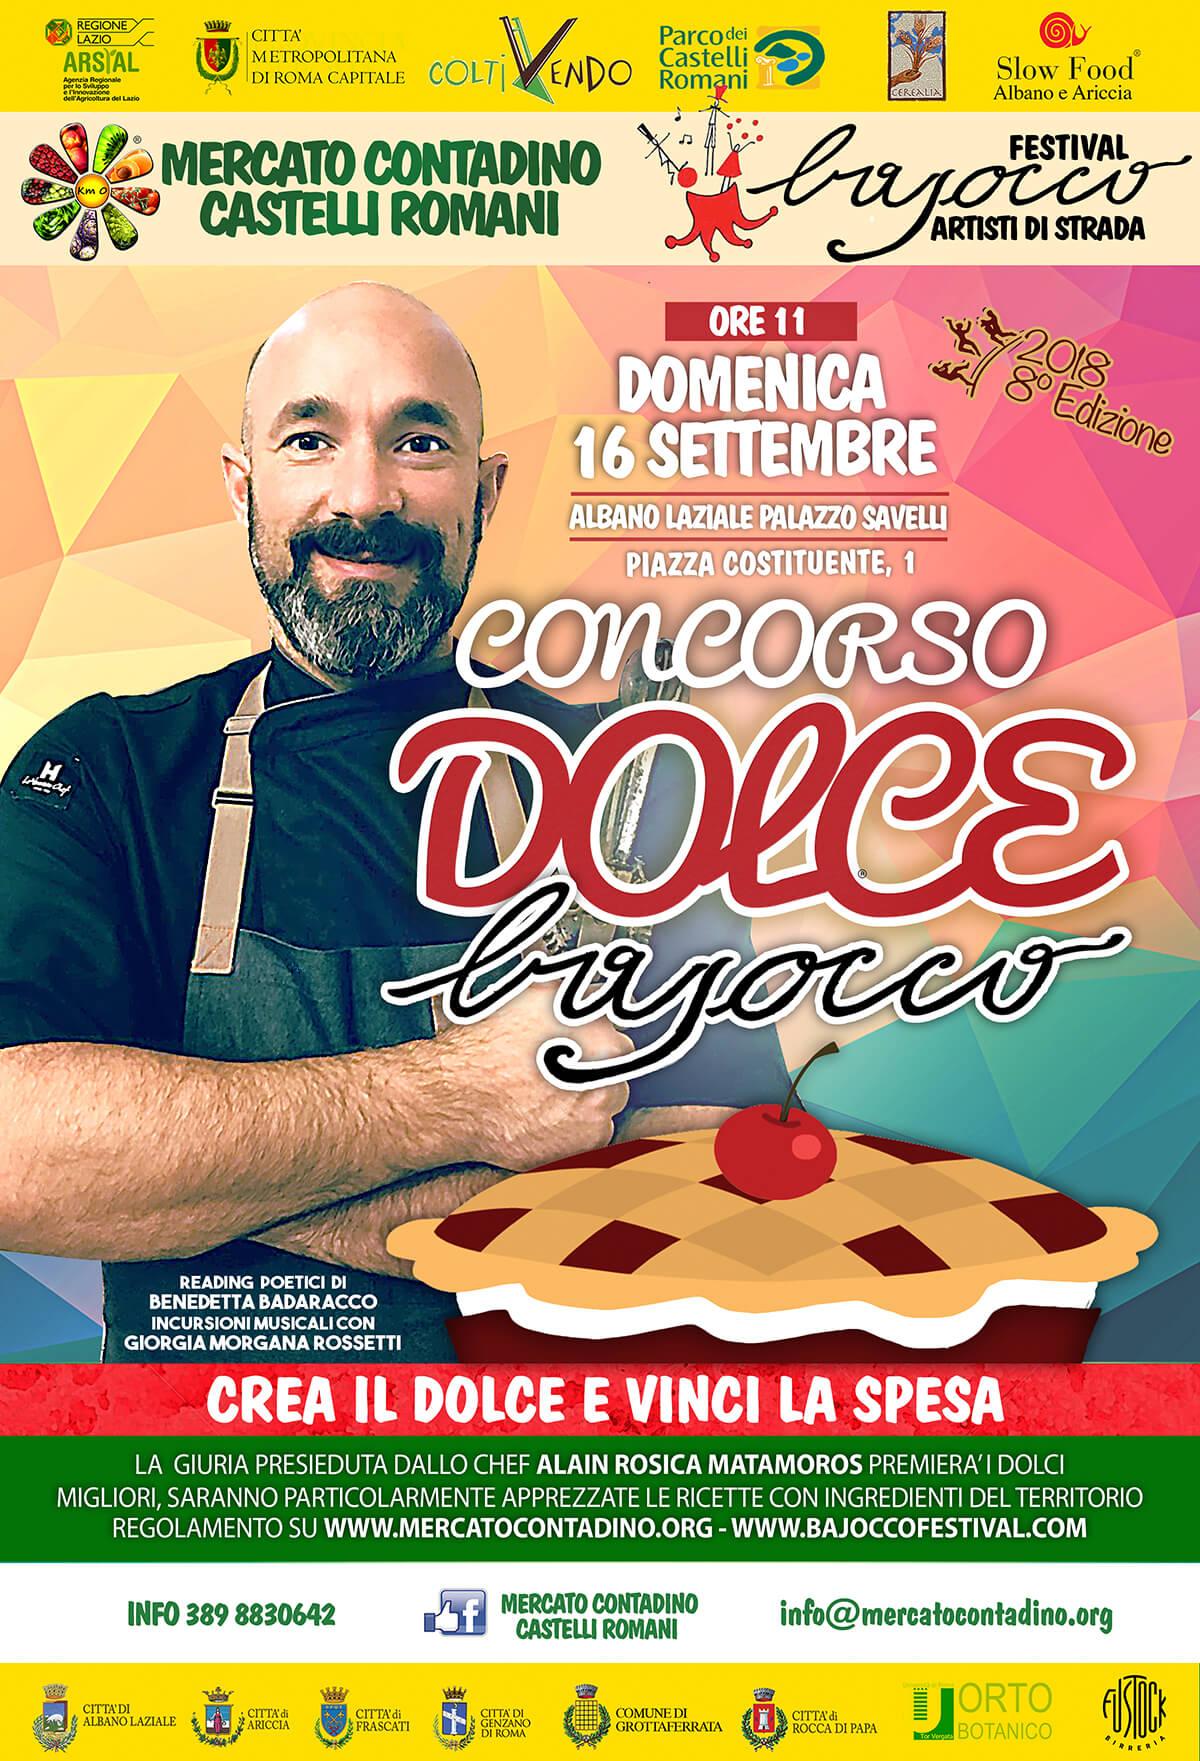 CONCORSO DOLCE BAJOCCO 2018